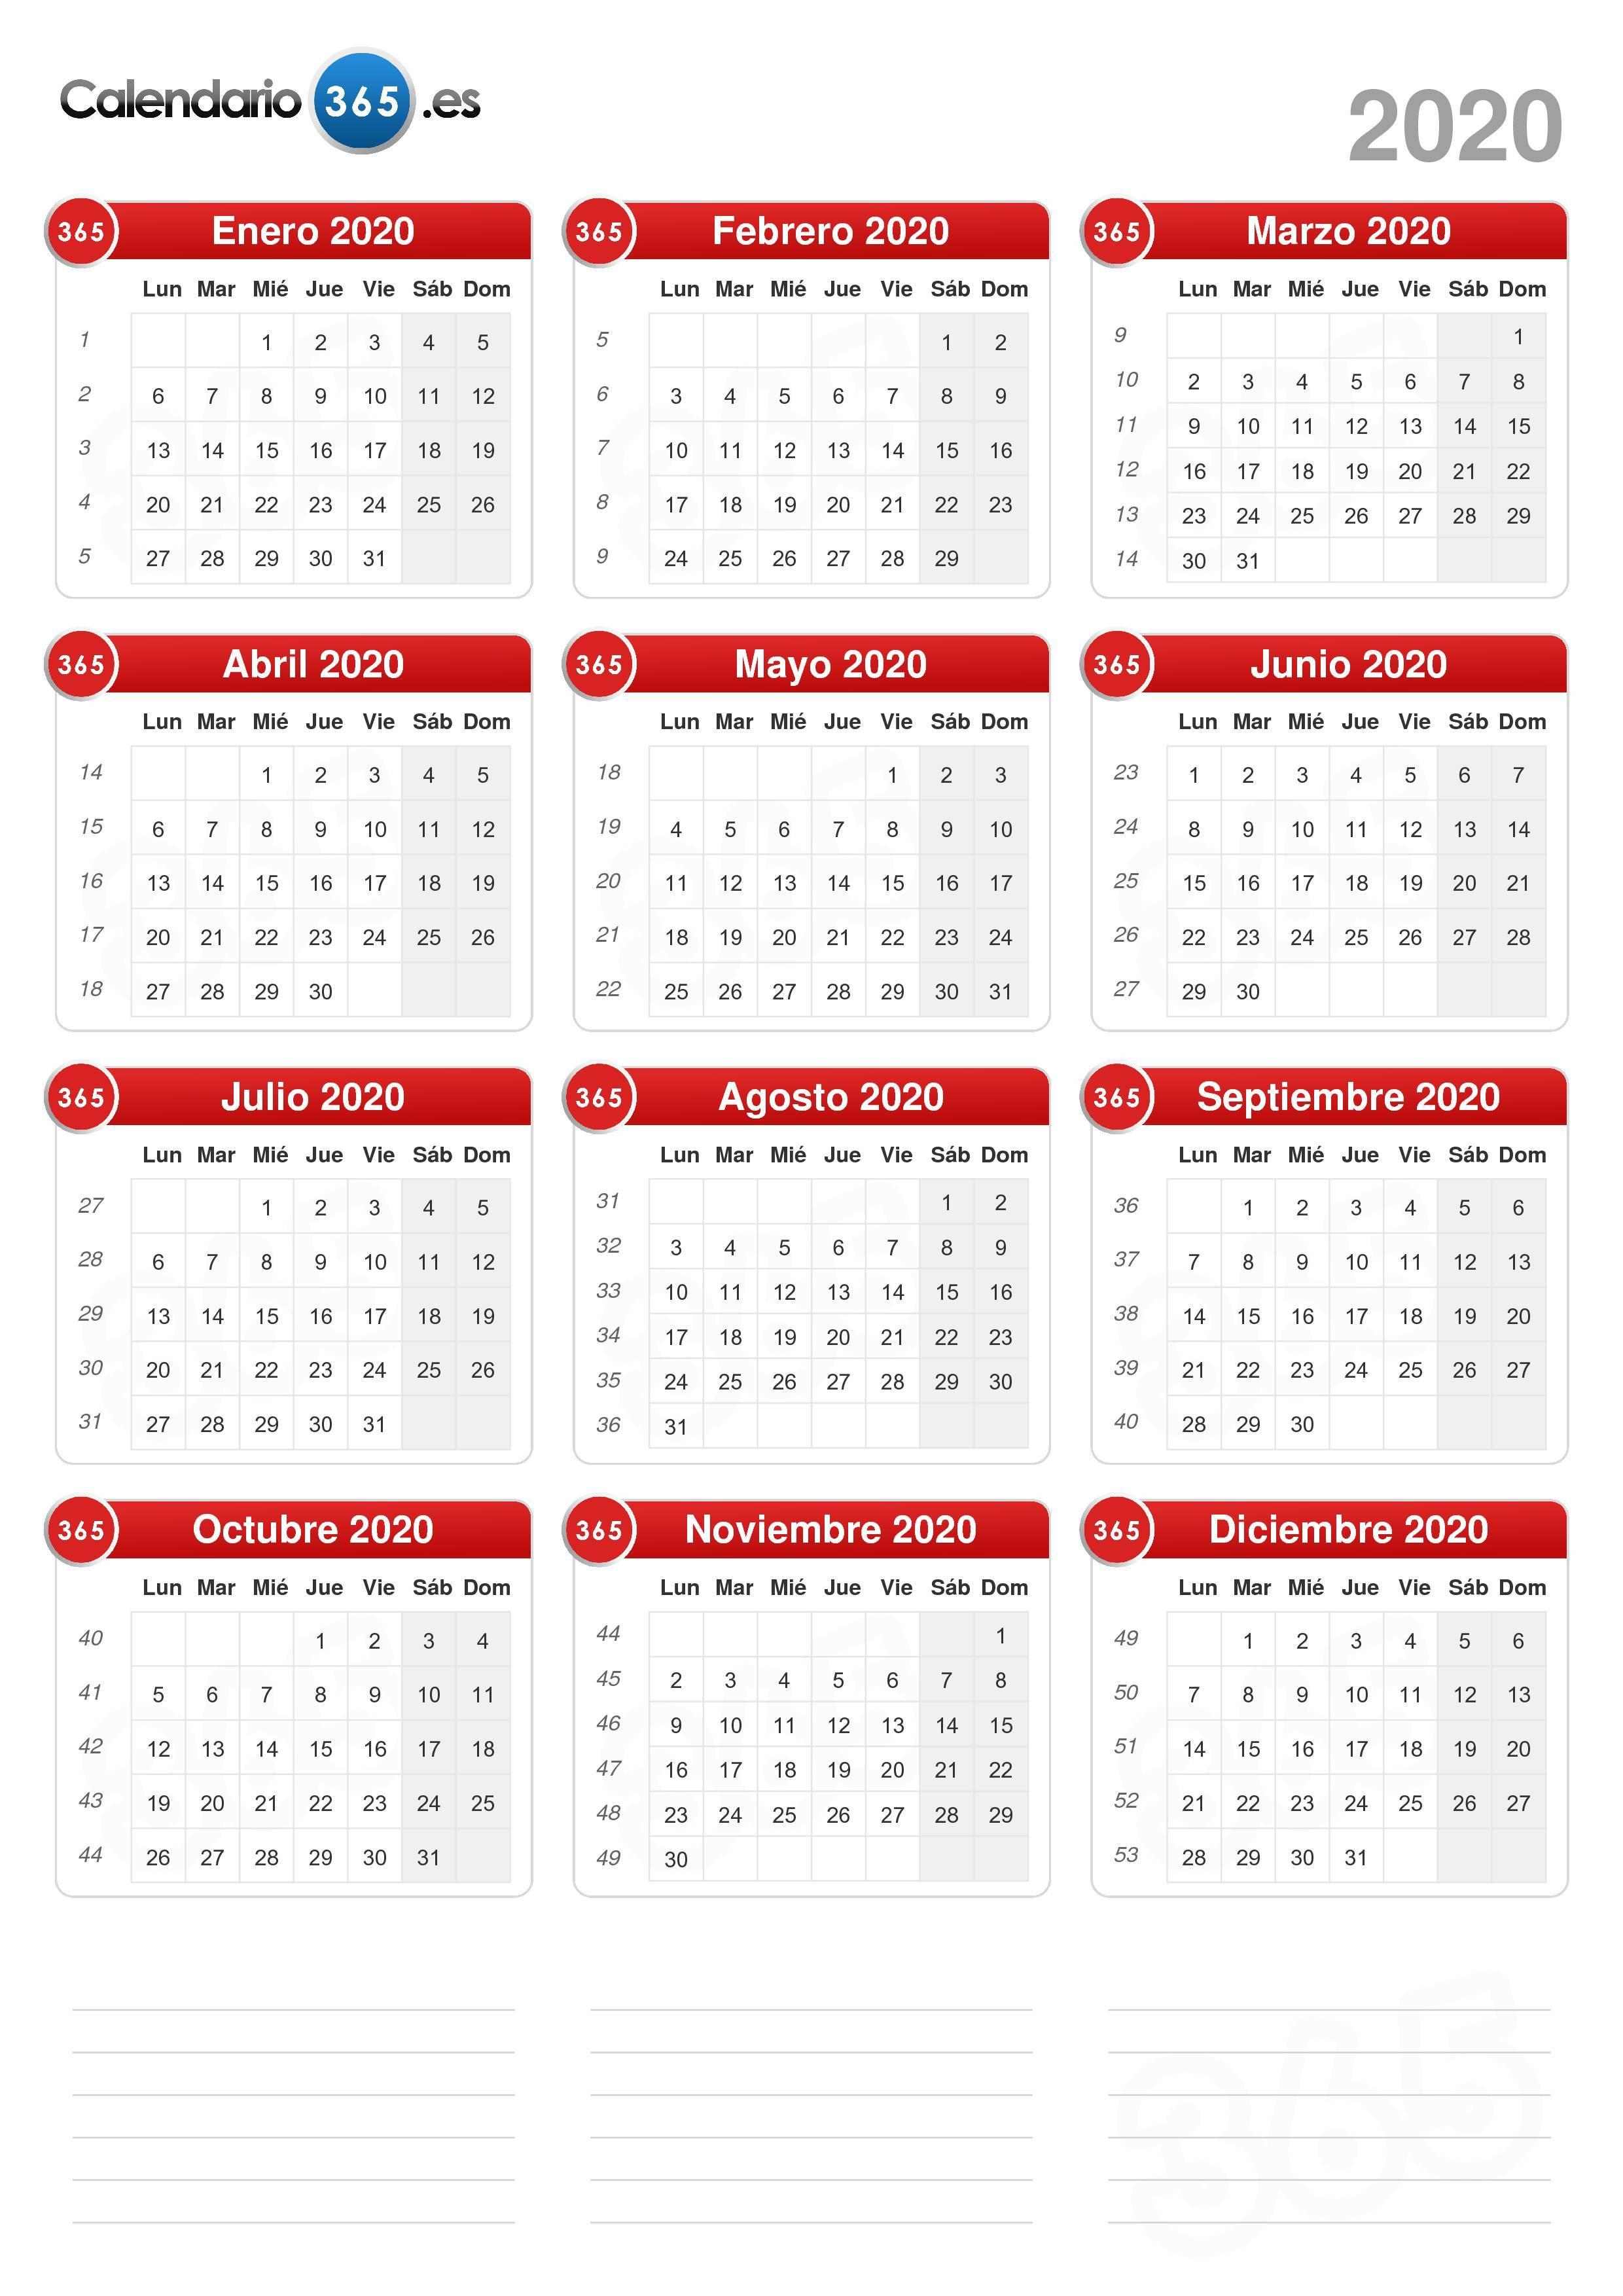 Calendario Escolar 2020 Sep Oficial.Calendario 2020